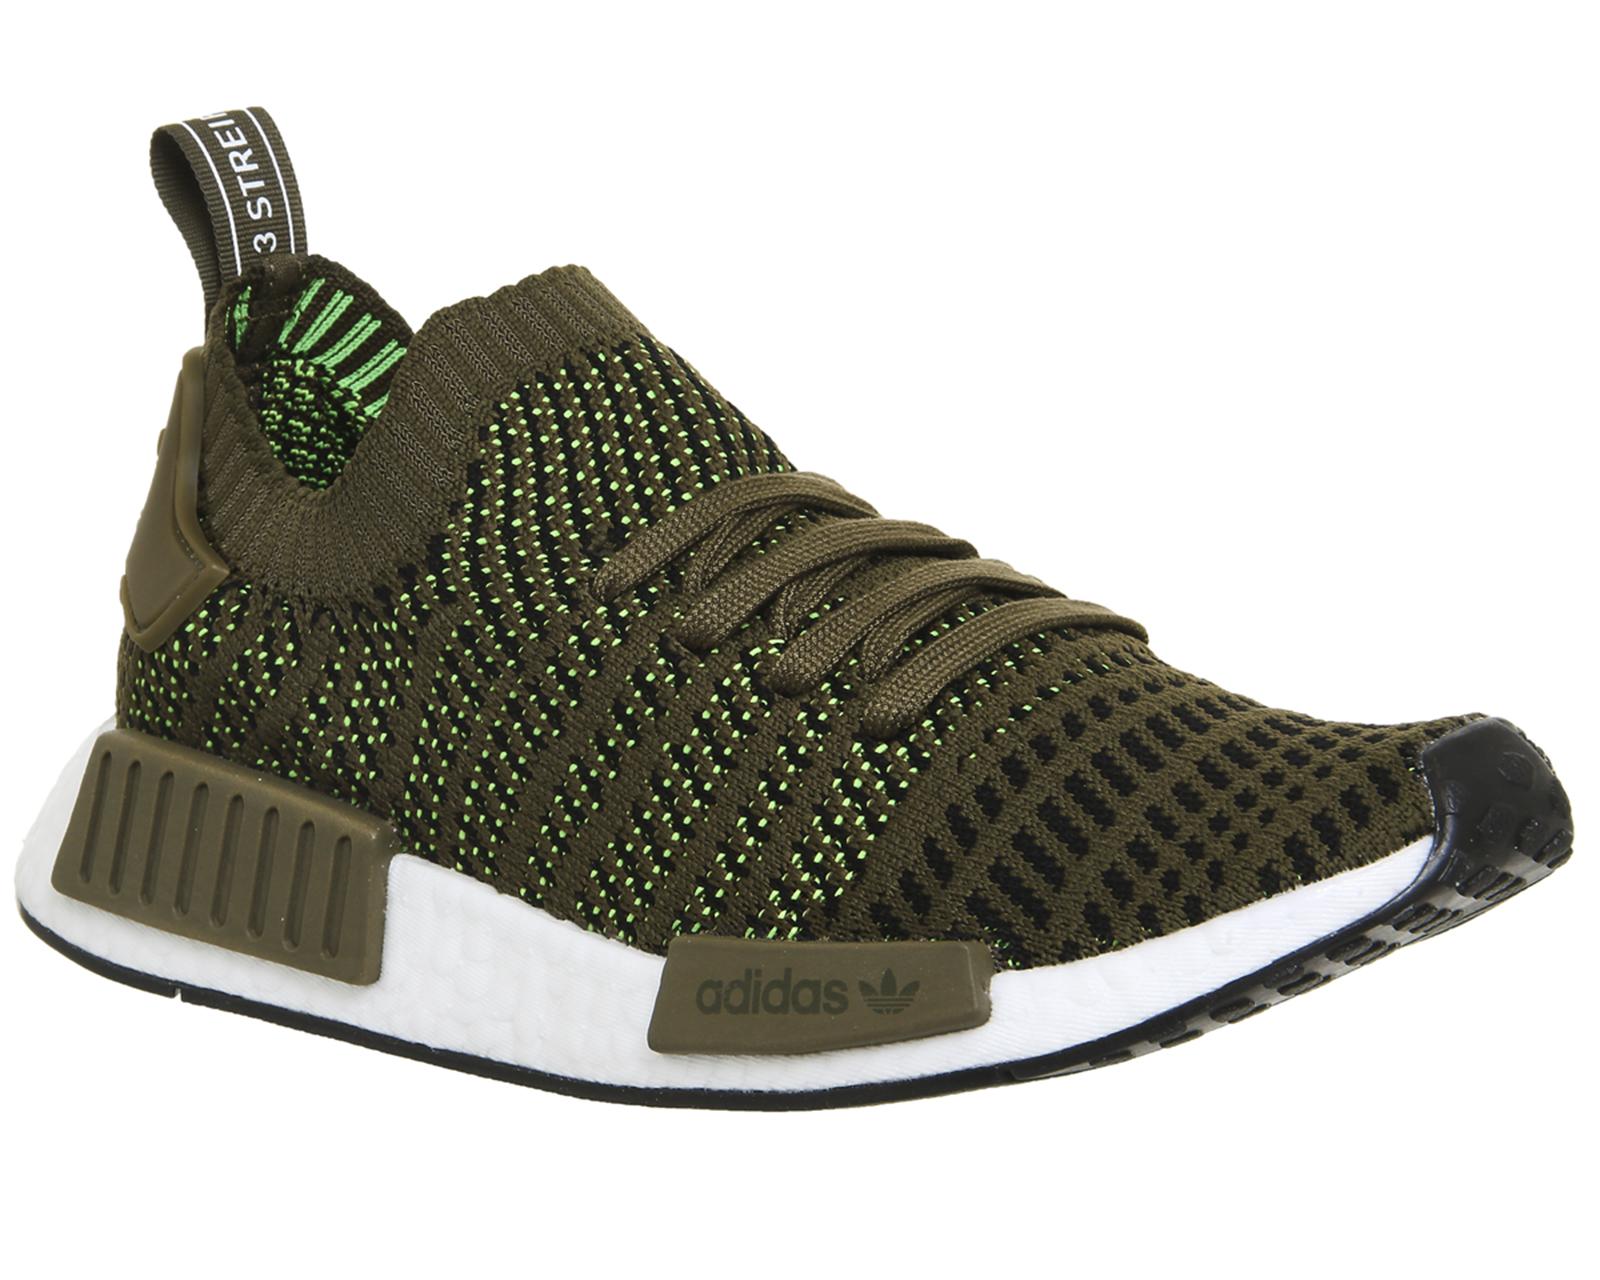 low priced cc50e 3b34e CENTINELA Hombres Adidas Nmd R1 primer punto entrenadores rastro oliva  zapatillas zapatos